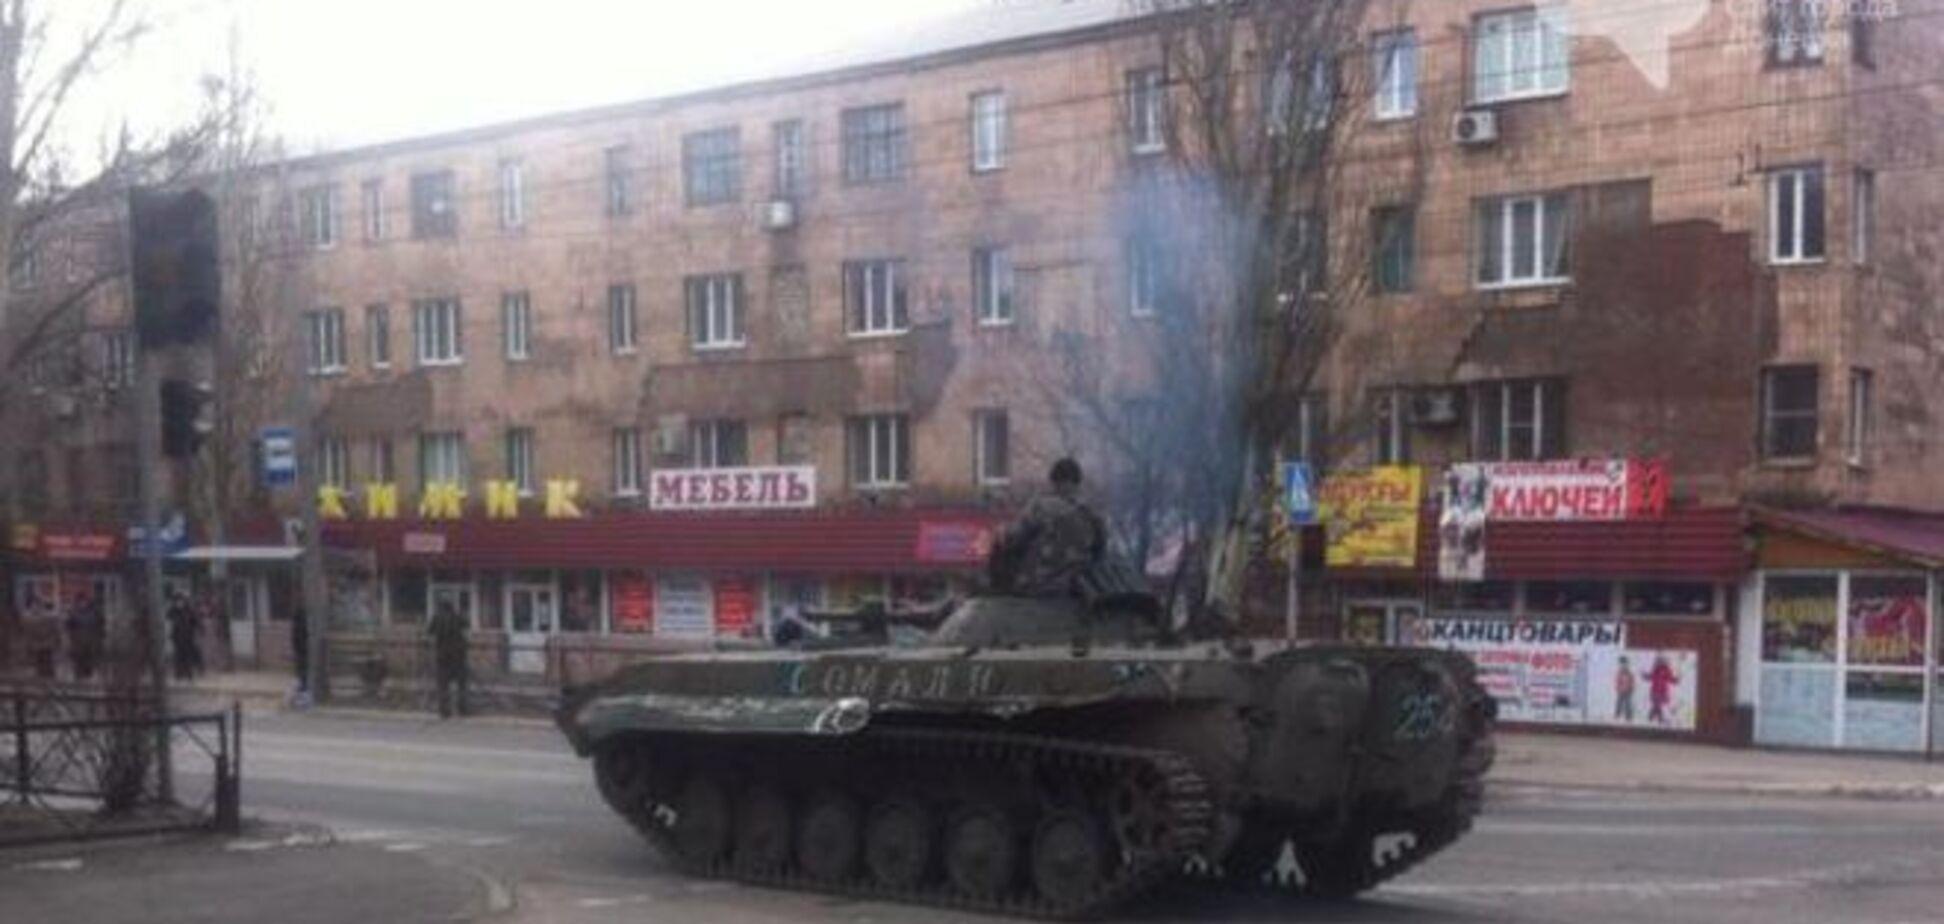 Боевики 'ДНР' проводят 'спецоперацию' в центре Макеевки